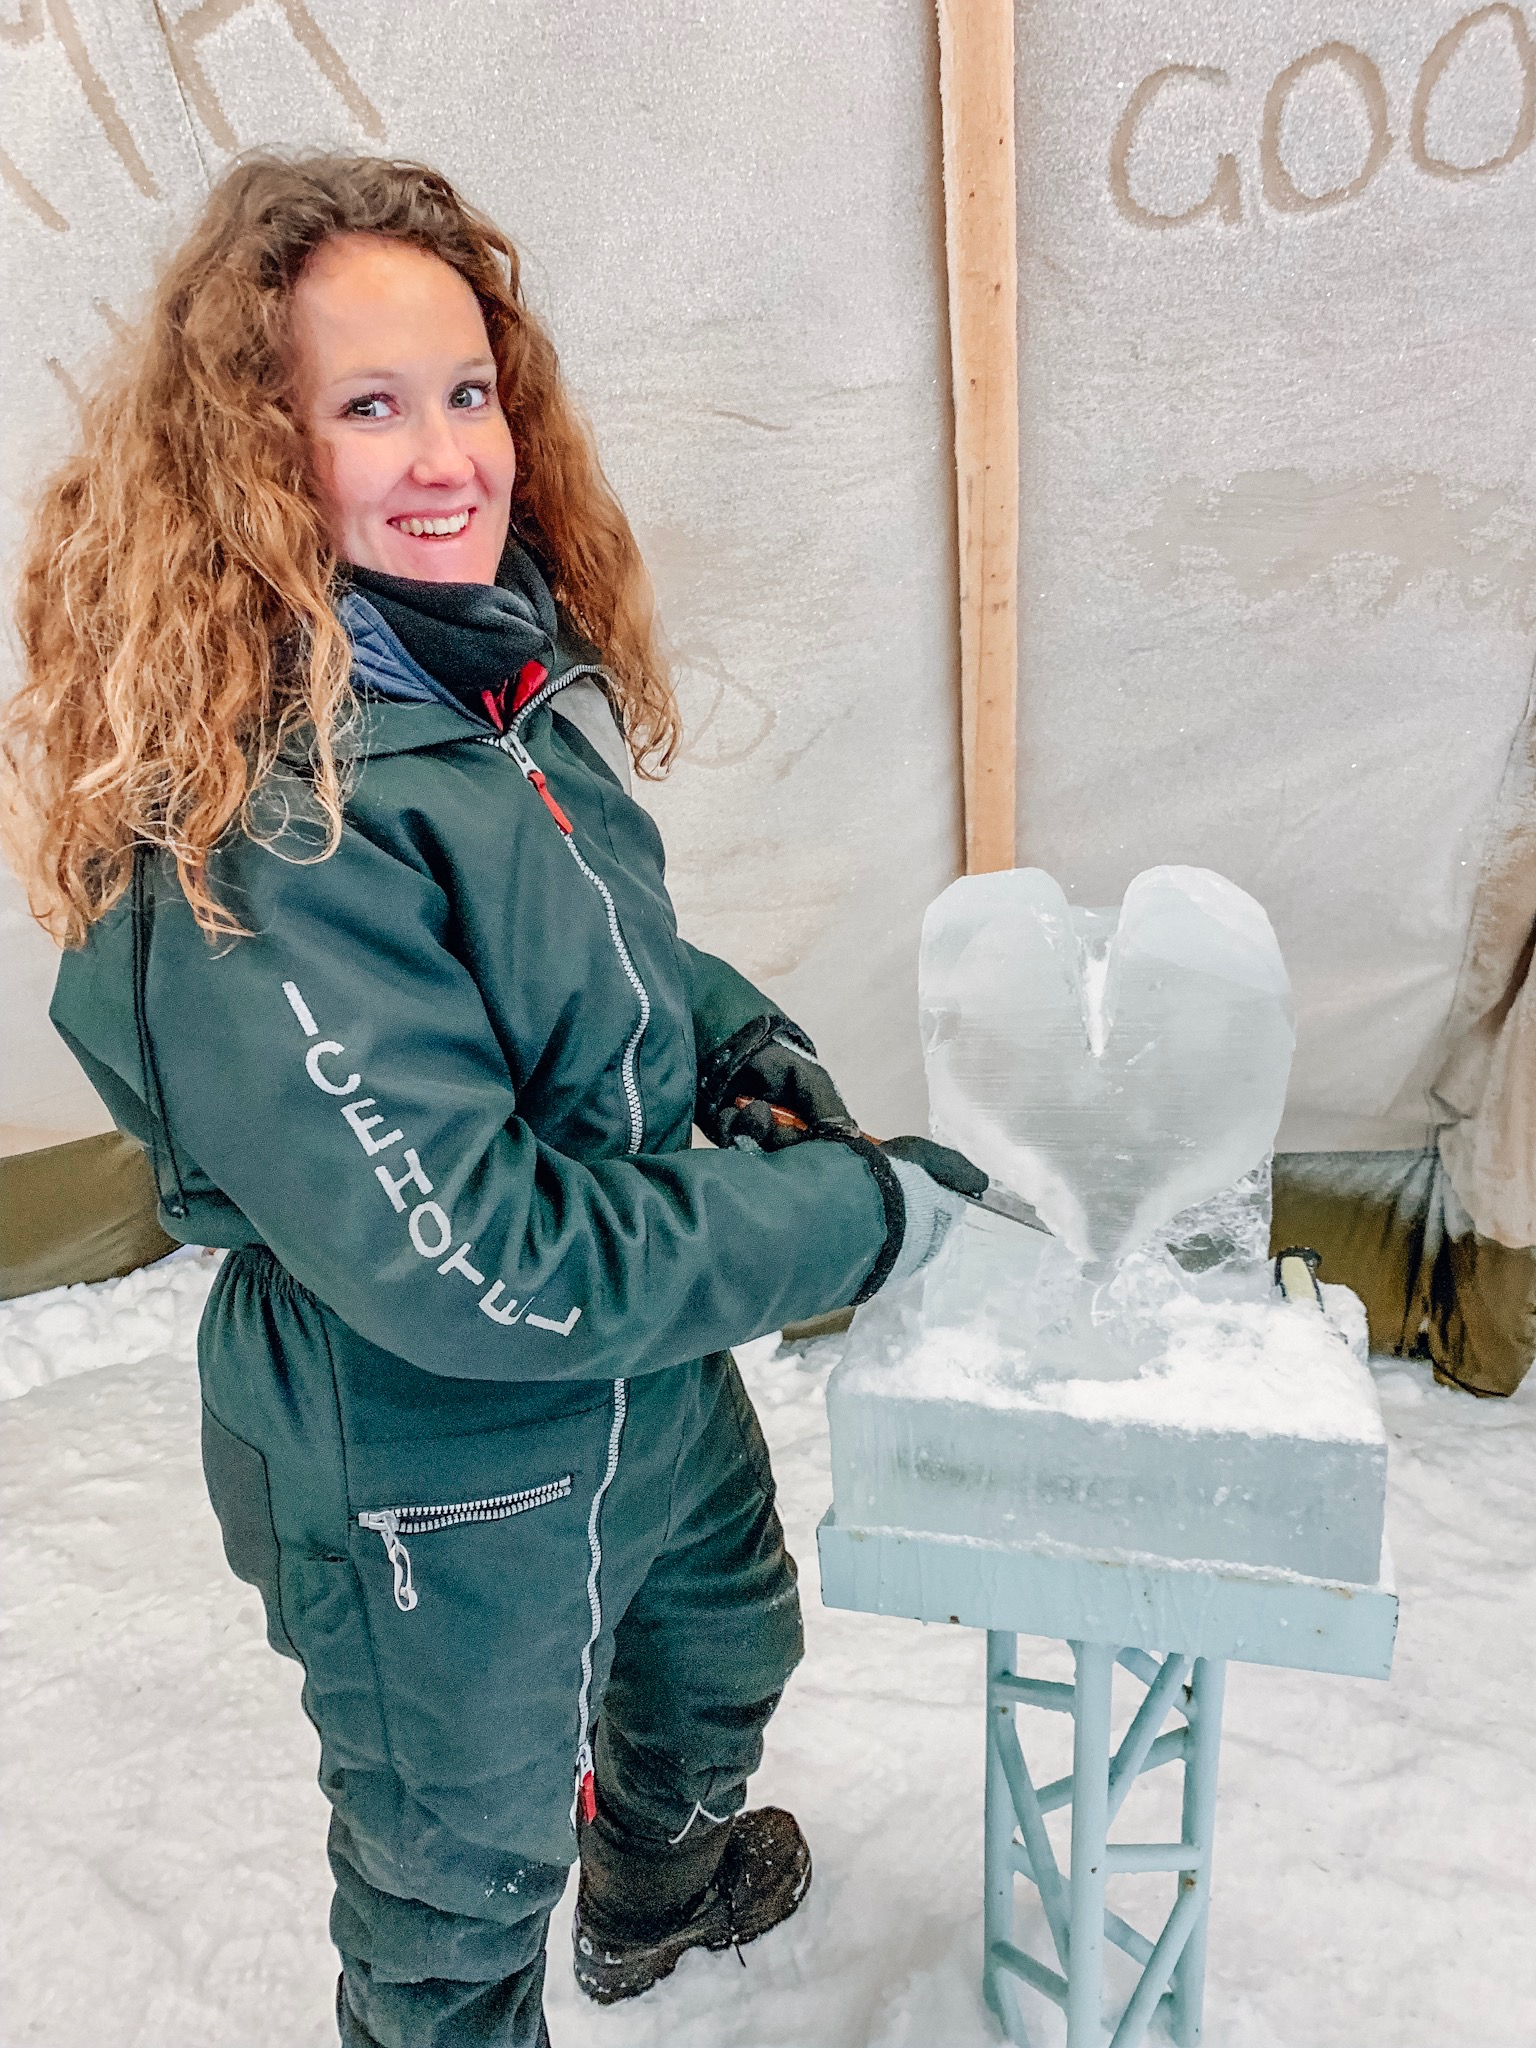 ice-hotel-ice-sculpting-class.jpg